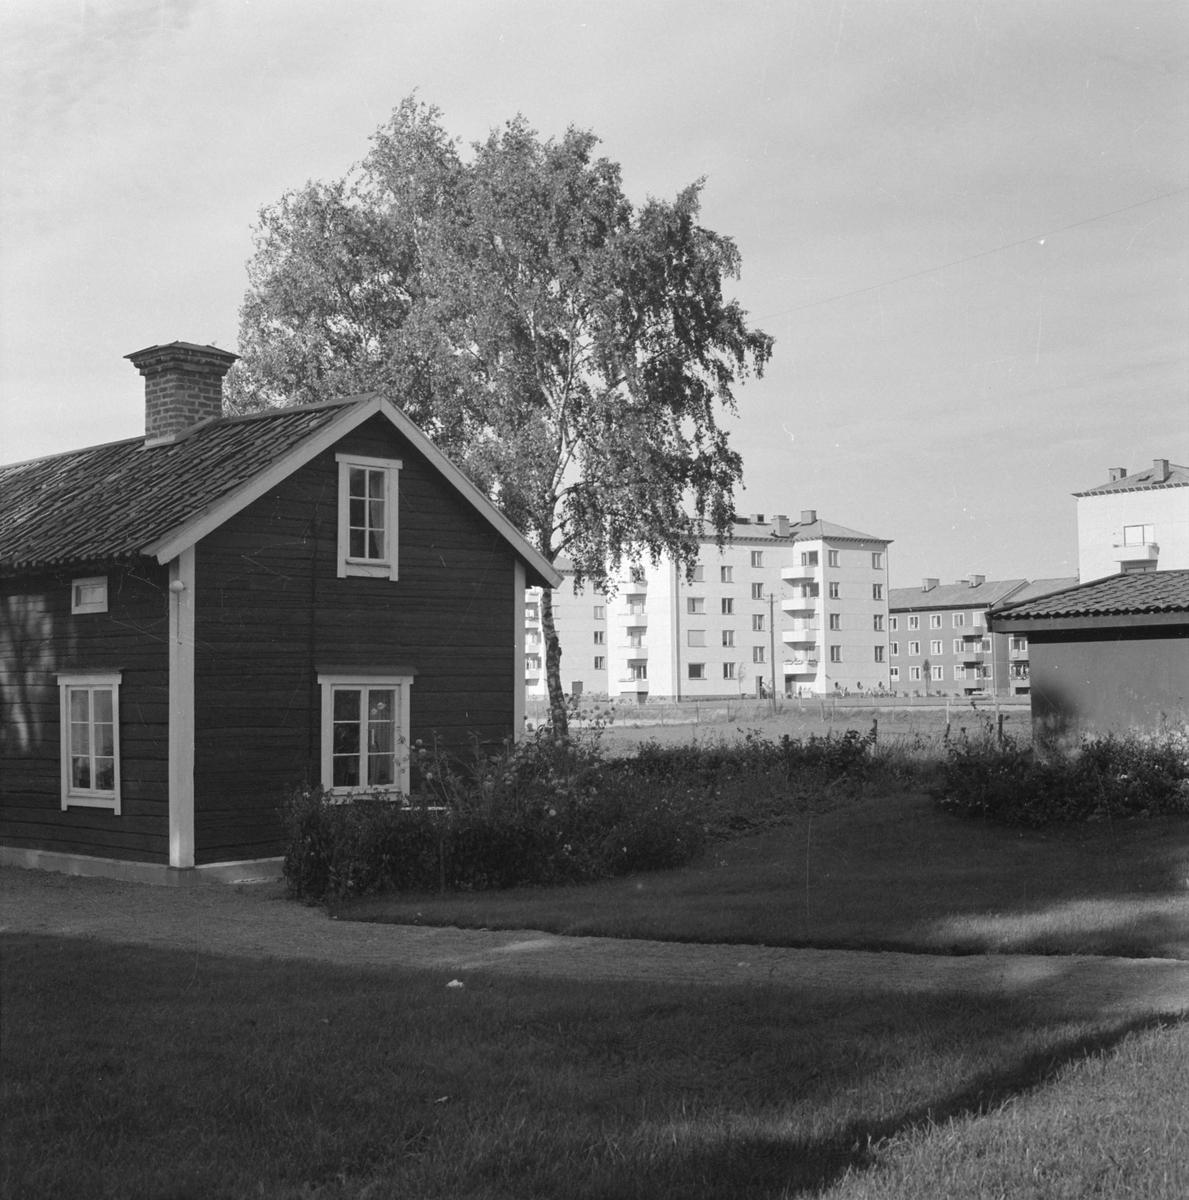 Bostadshus och grind vid Stabby prästgård i Hällby, Uppsala